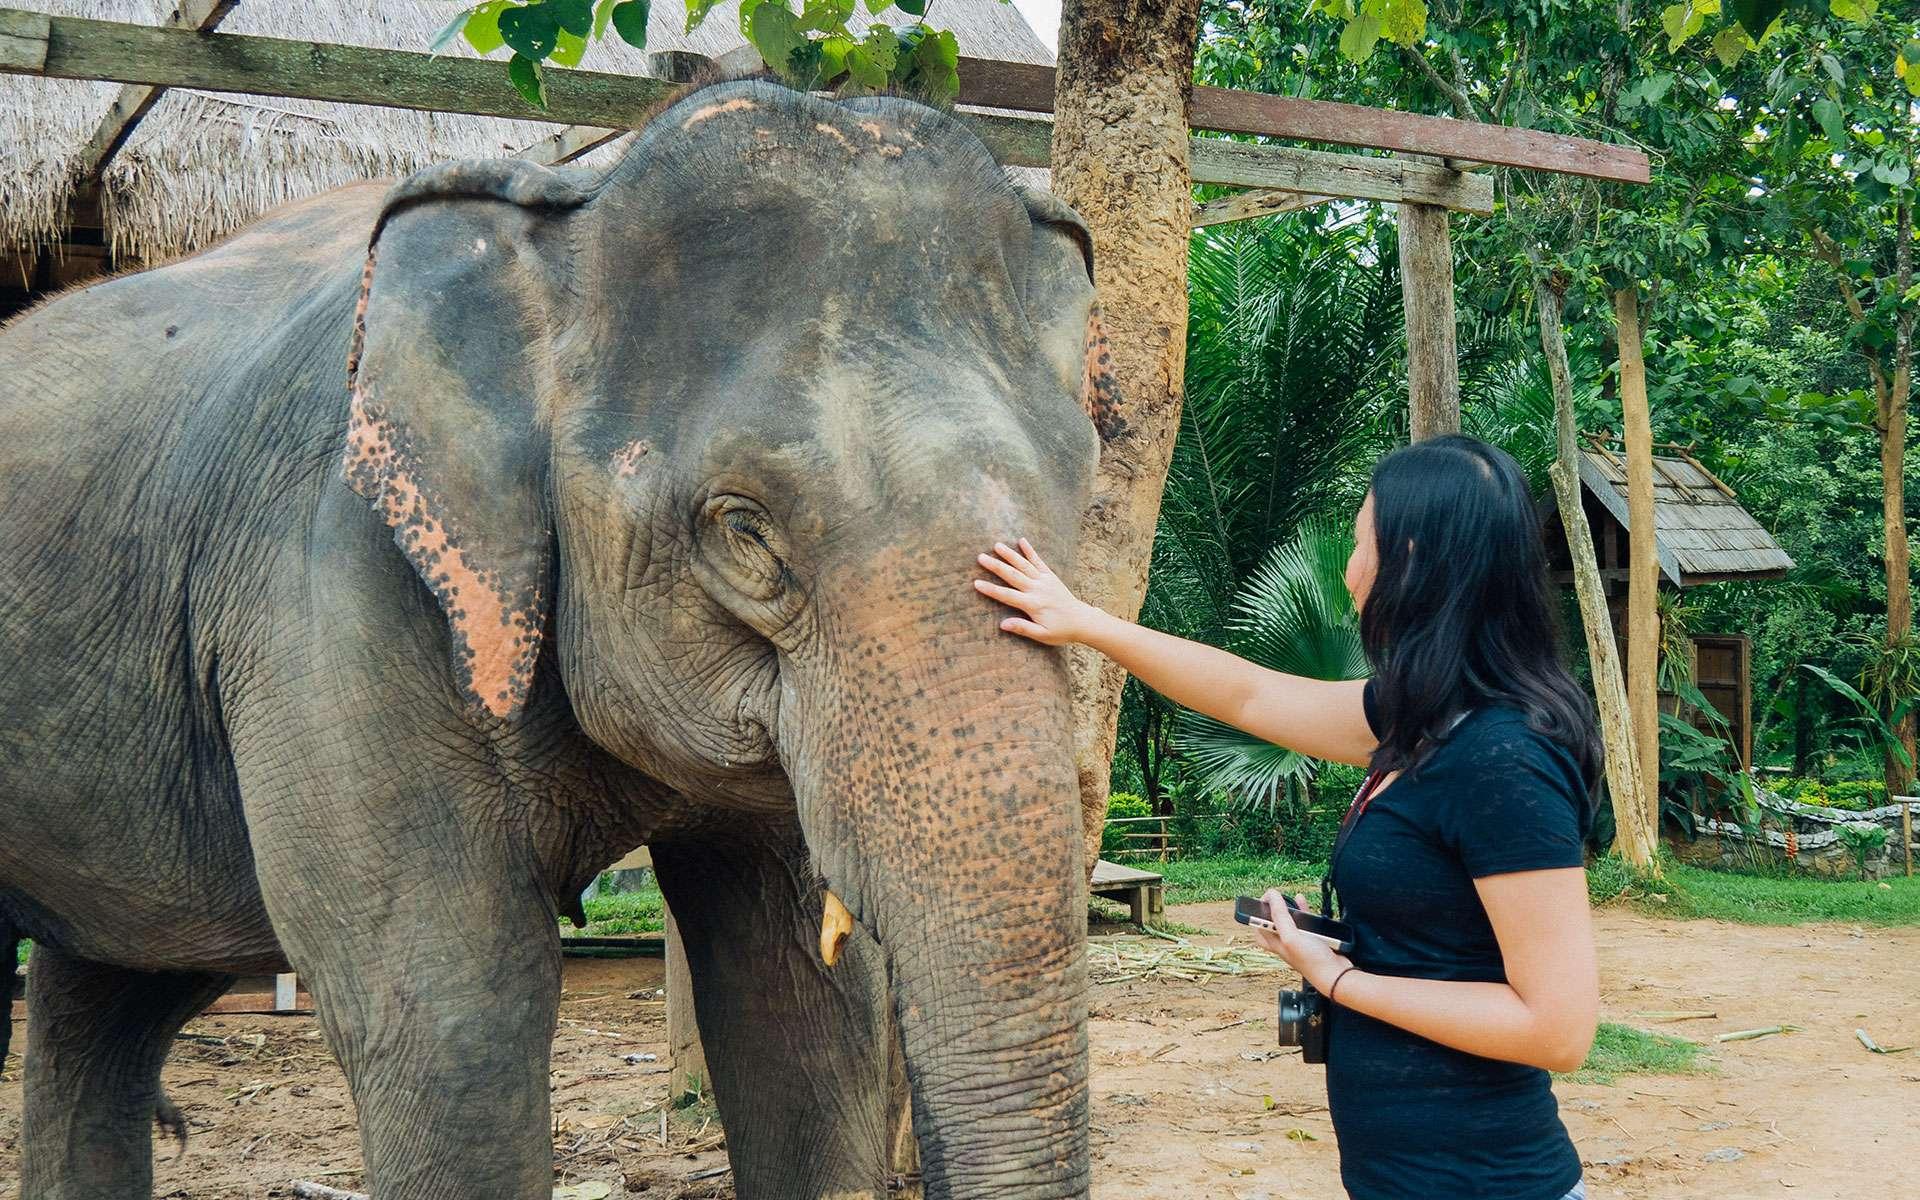 Elephants in Laos